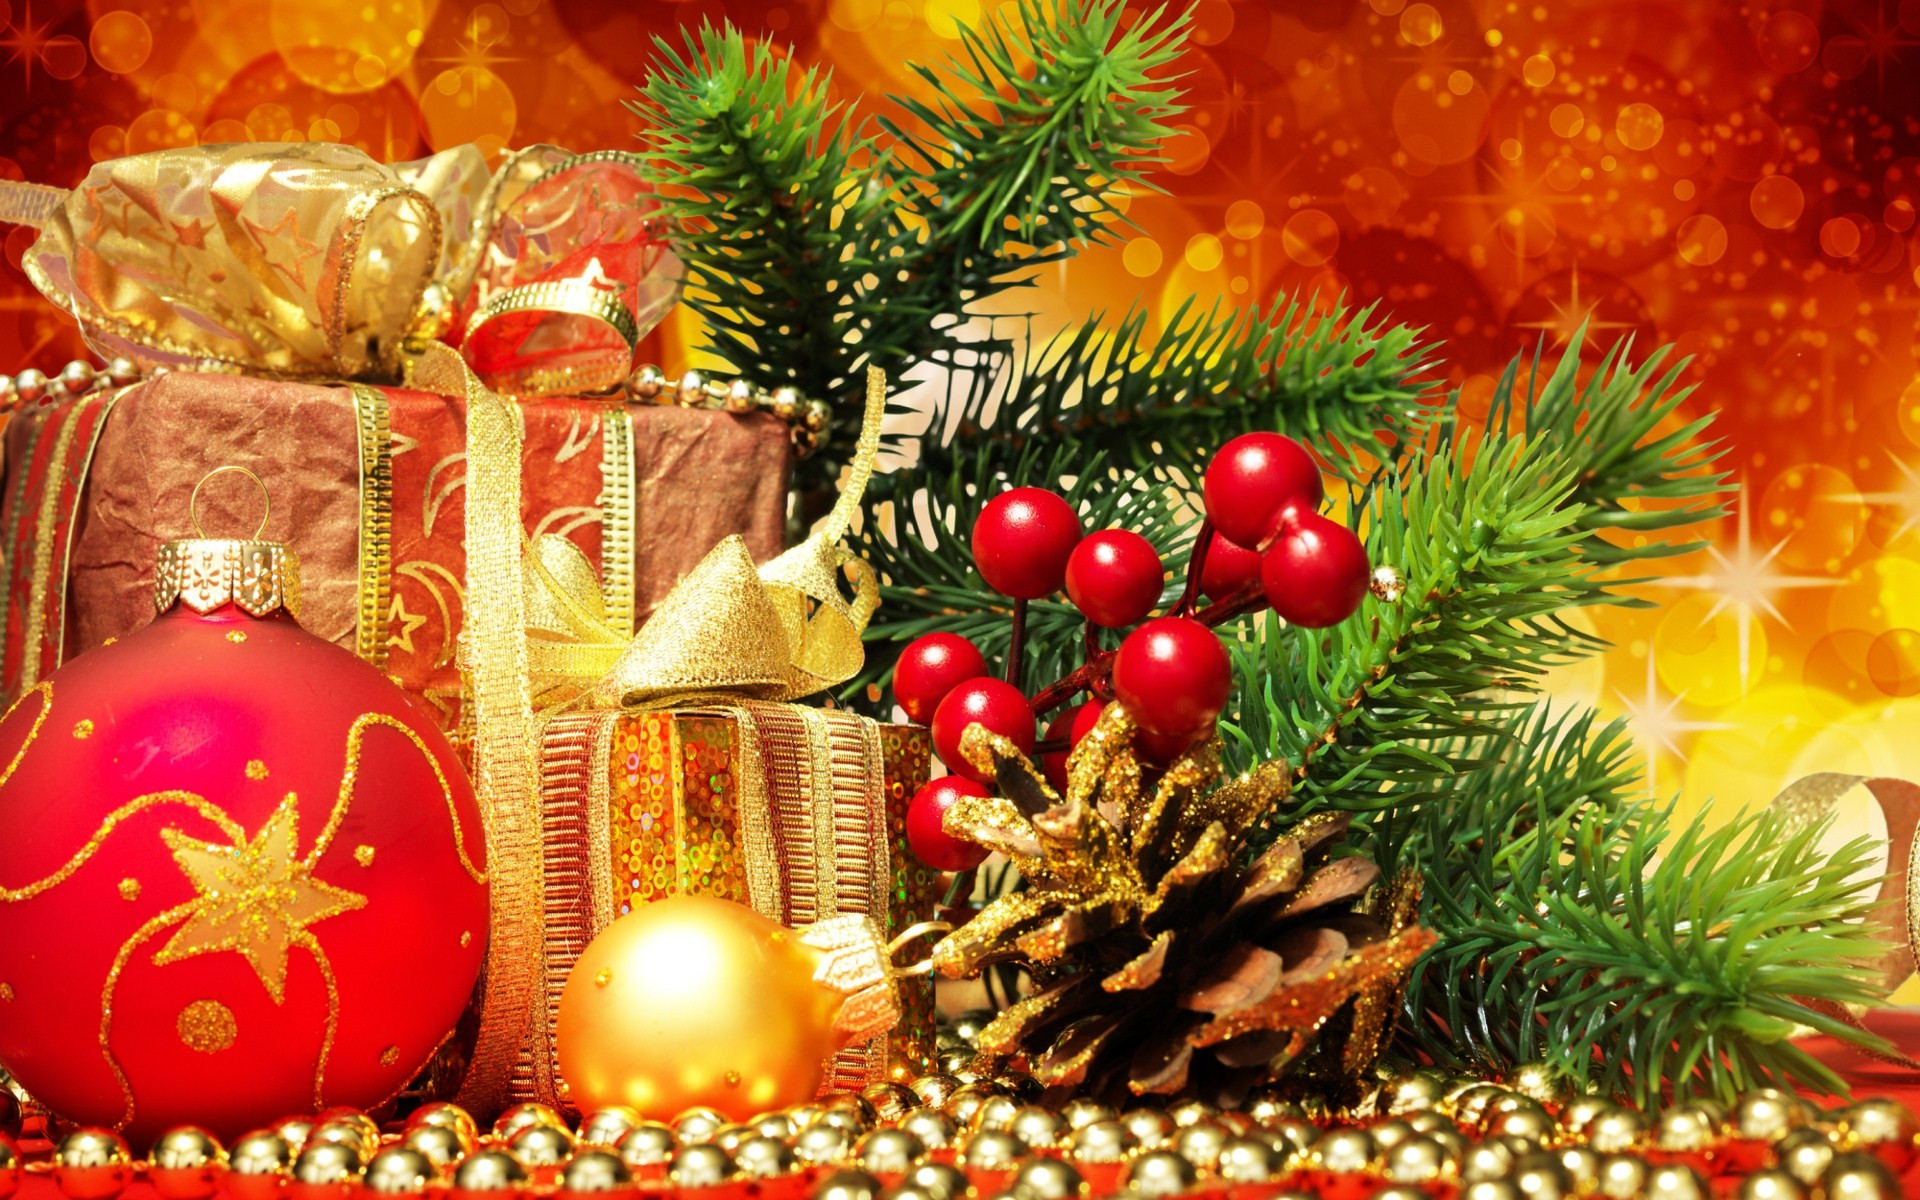 Adornos para decorar tu navidad - 1920x1200